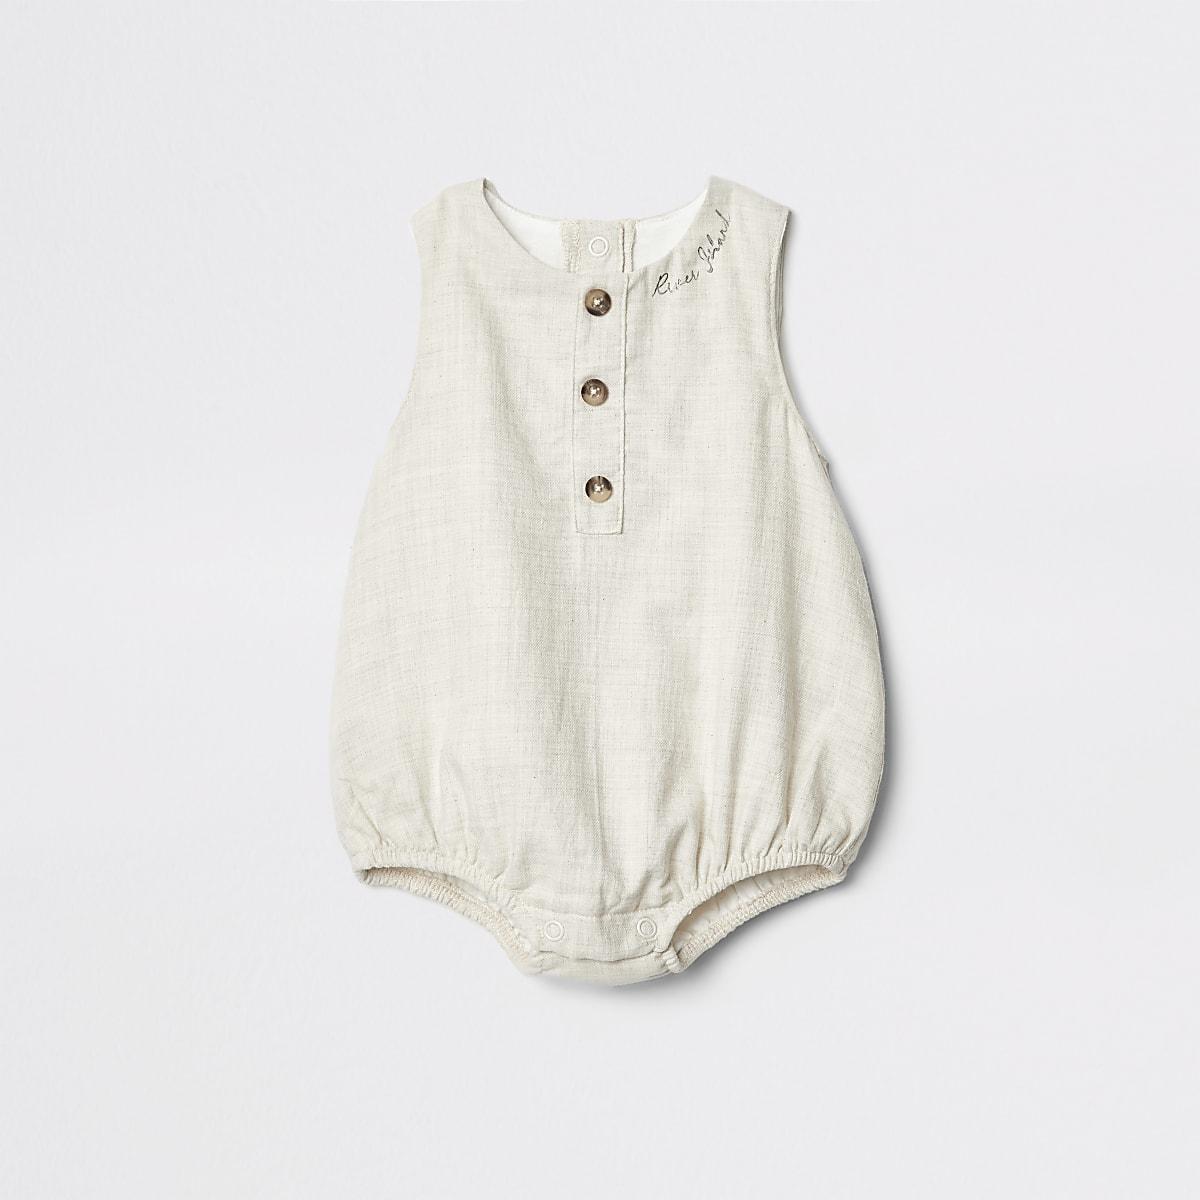 Baby cream romper